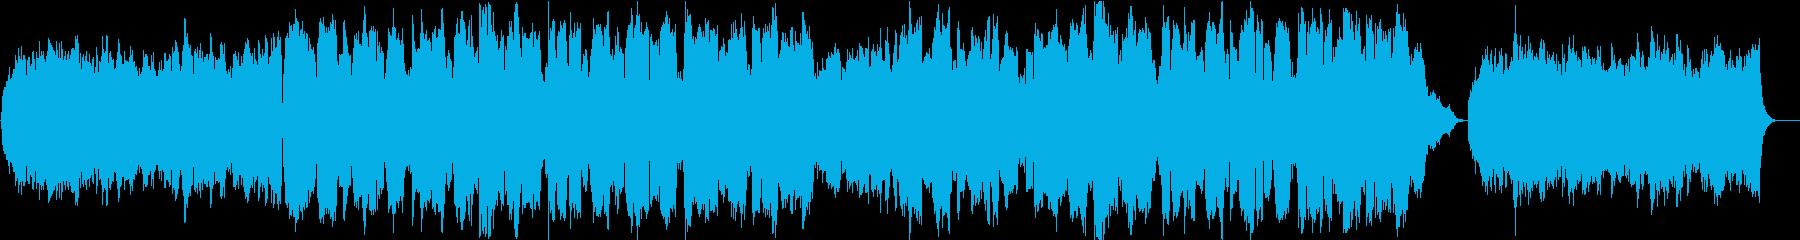 「蛍の光」 ストリングスアレンジでの歌唱の再生済みの波形